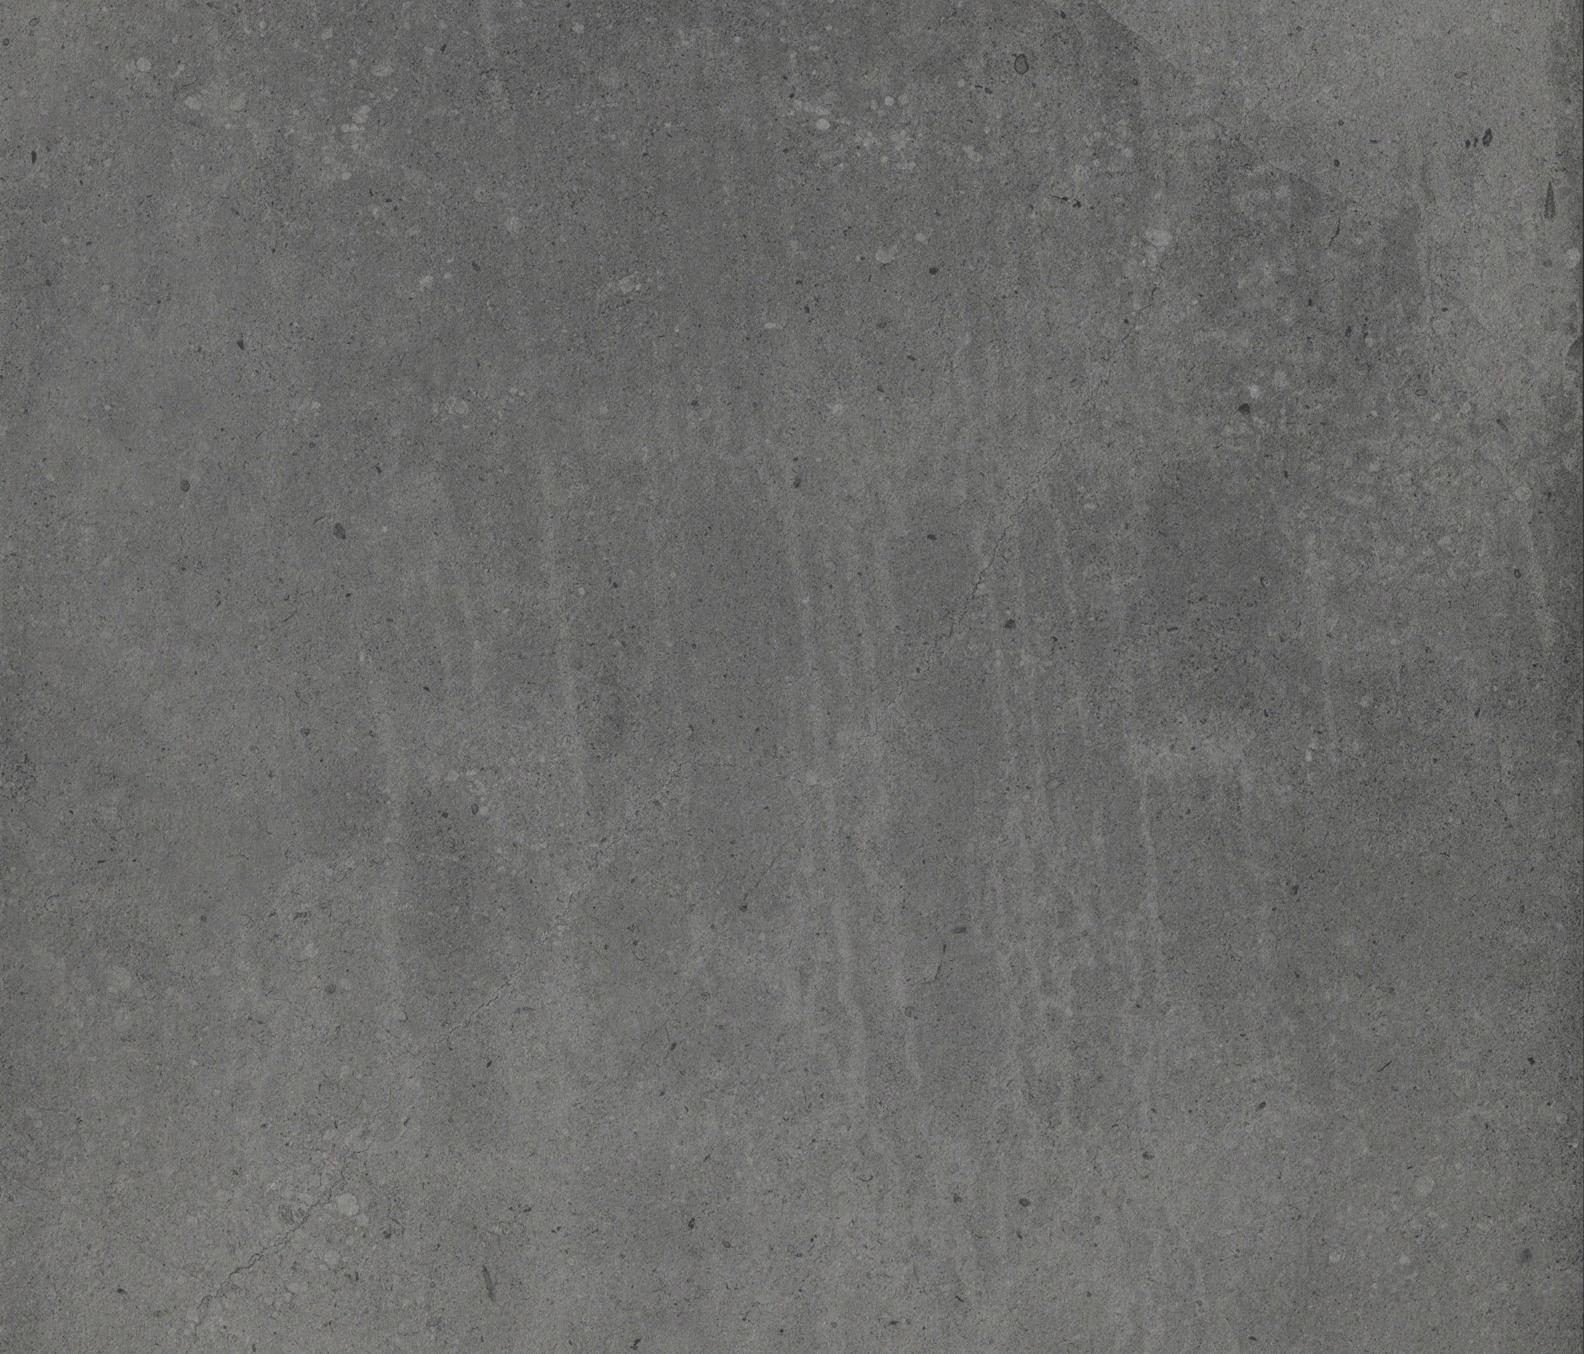 Pietra baug antracite carrelages de casalgrande padana for Carrelage casalgrande padana